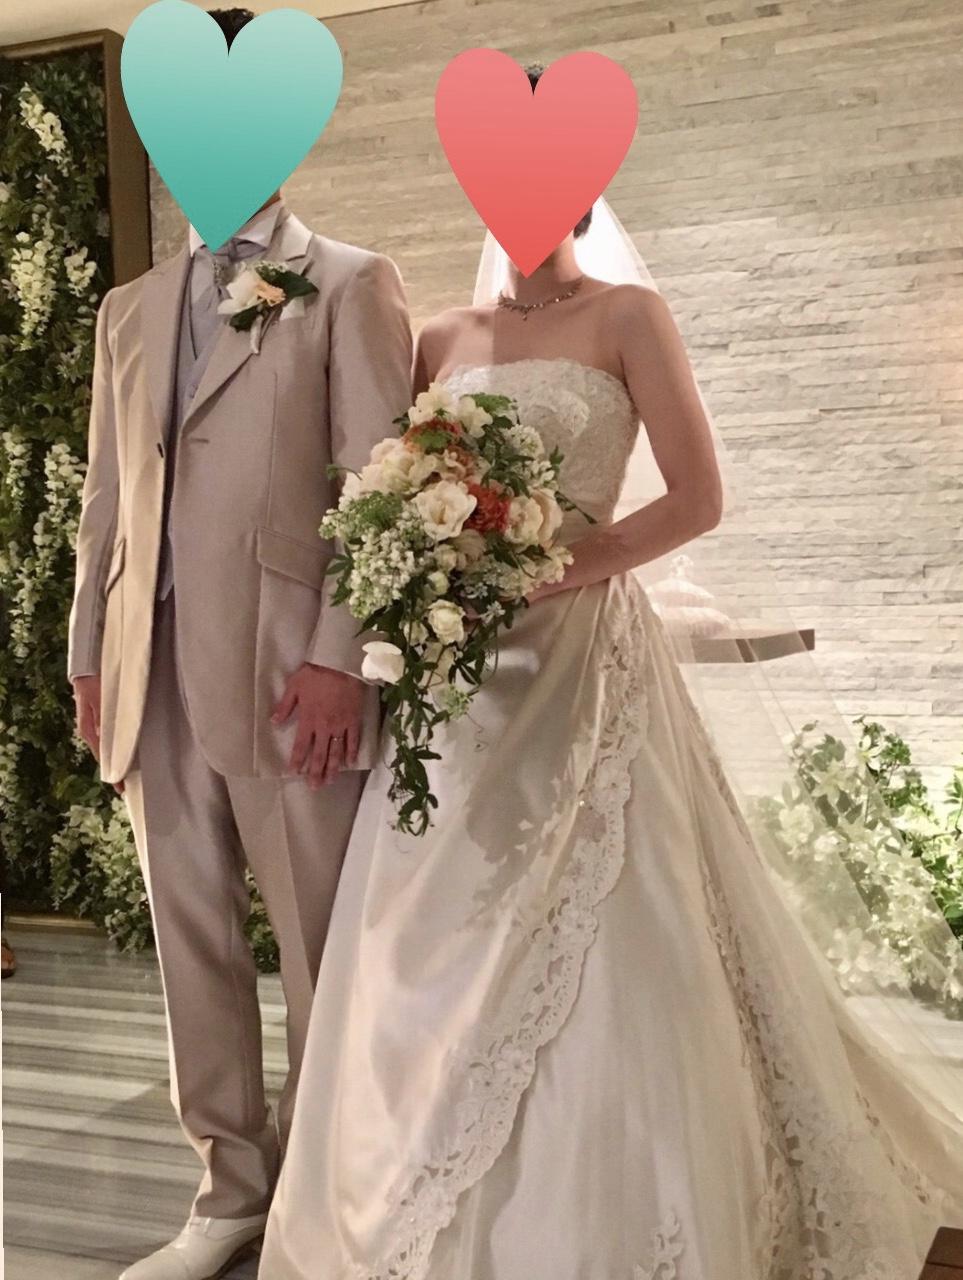 40代 女性会員様がご成婚されました!!